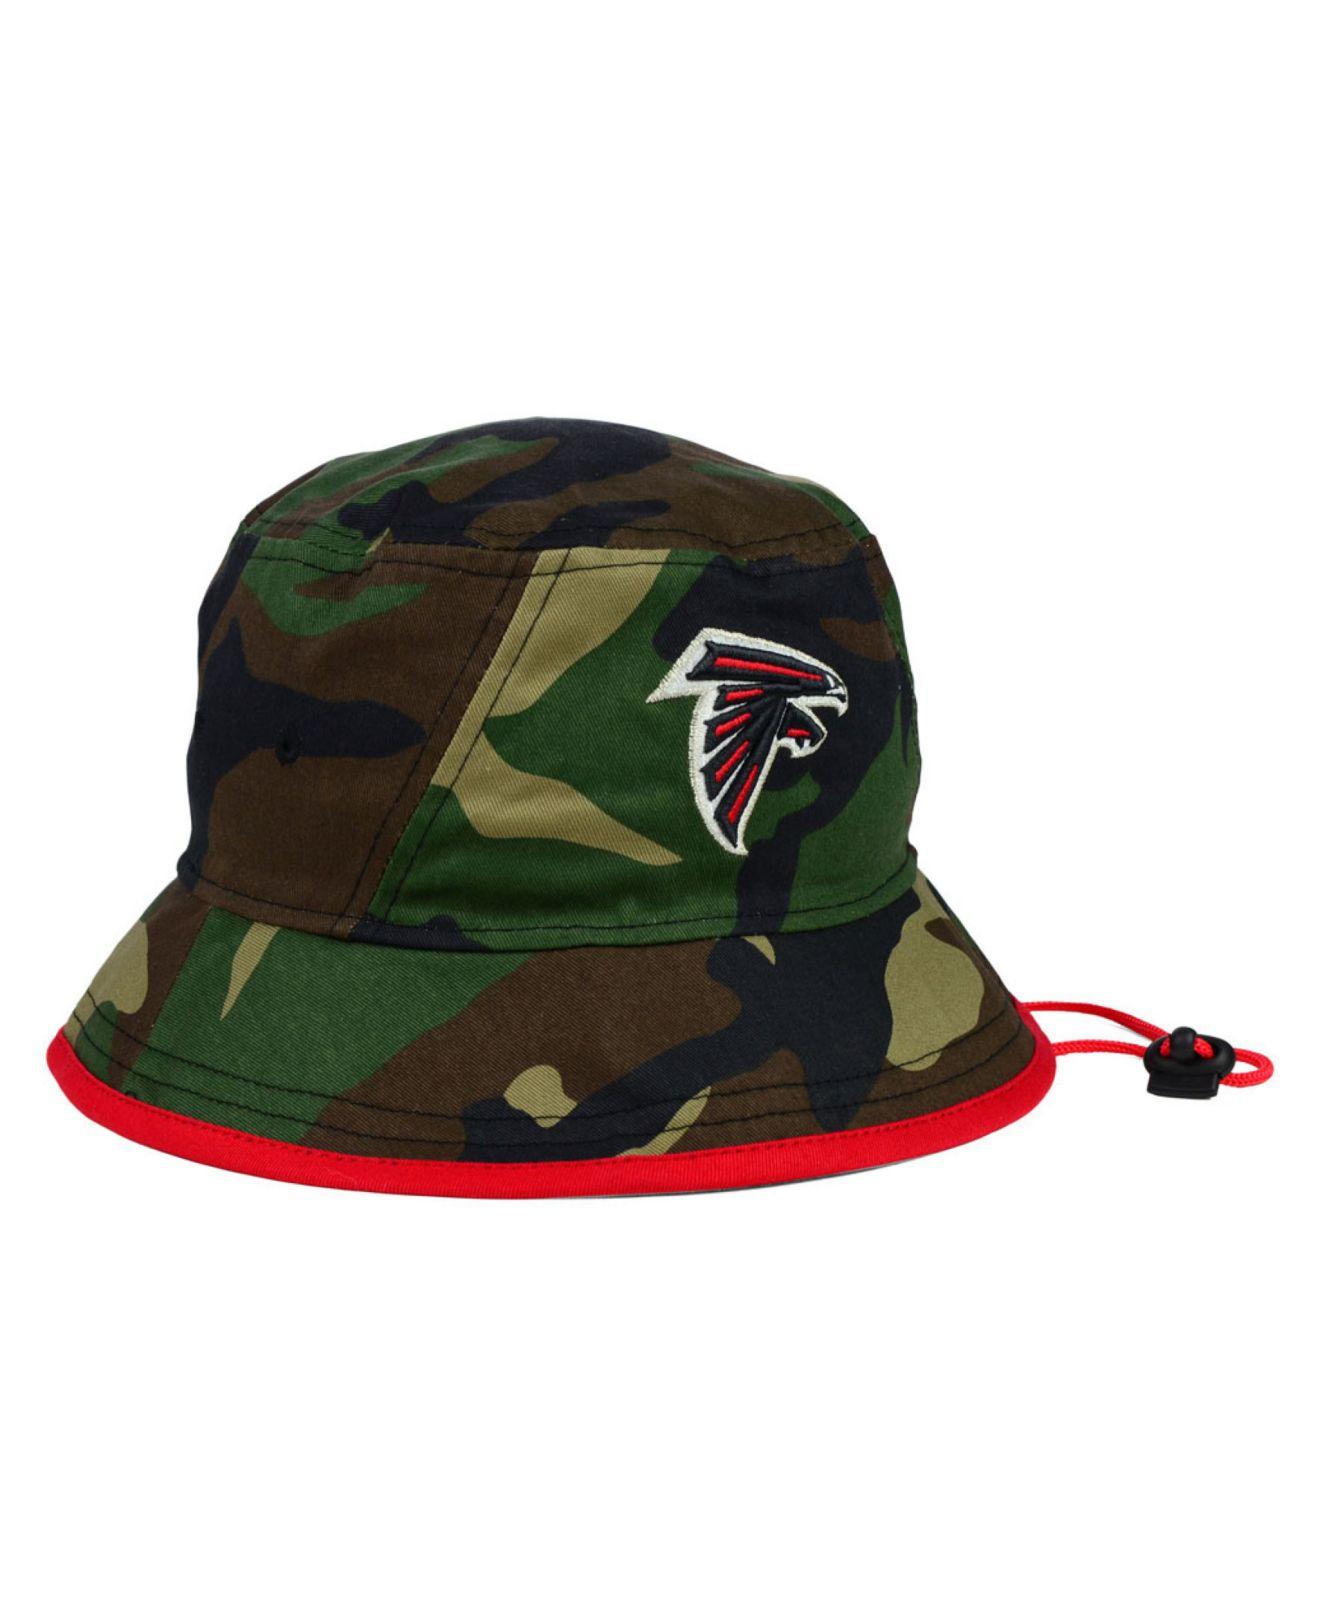 abafd8e5 ... spain lyst ktz atlanta falcons camo pop bucket hat in green for men  5f323 26de1